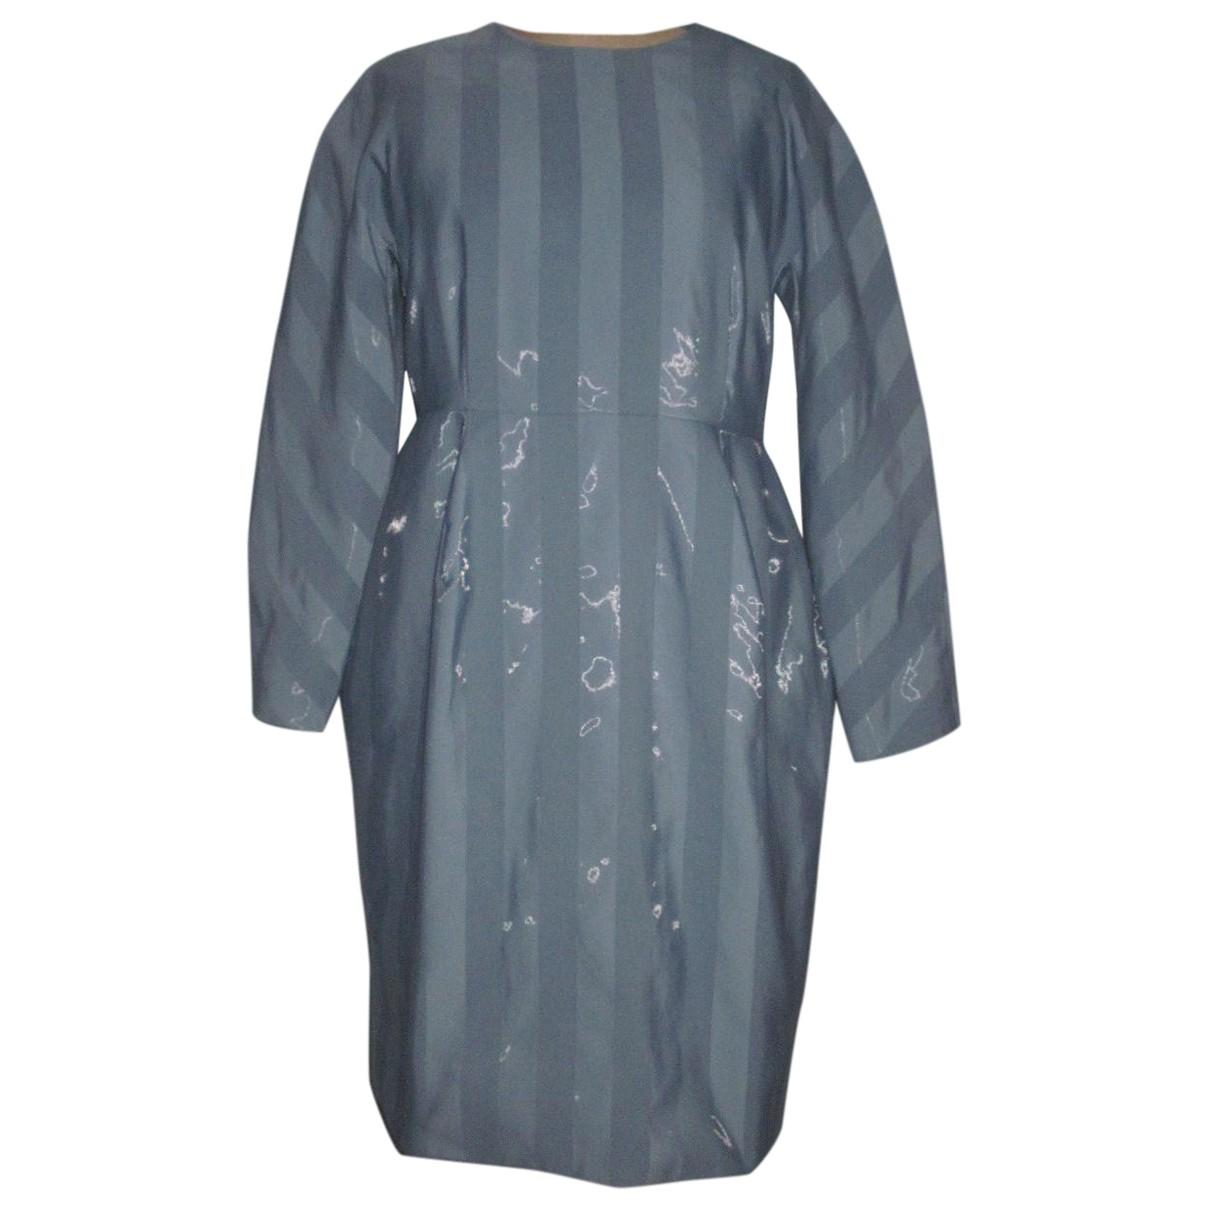 Cos \N Kleid in  Blau Baumwolle - Elasthan